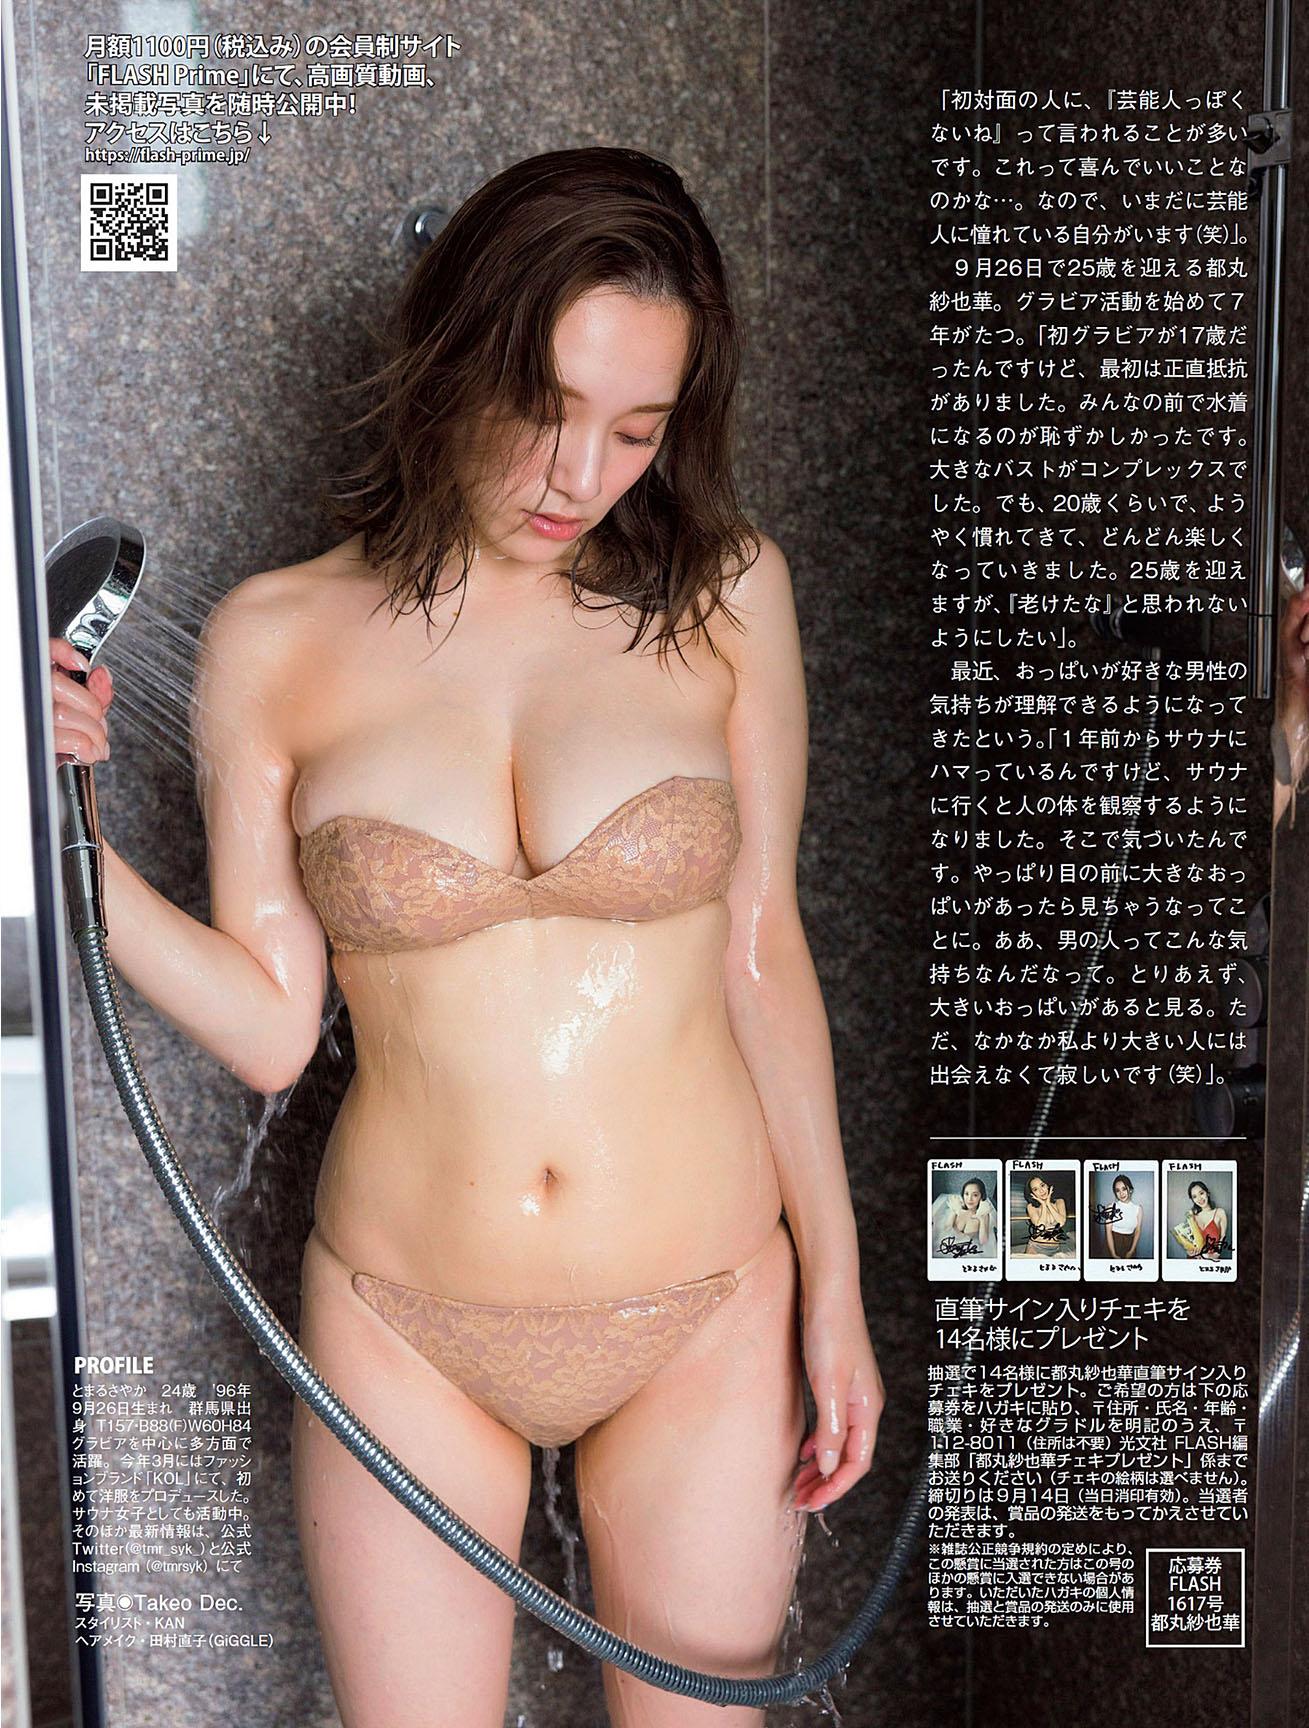 Sayaka Tomaru Flash 210921 10.jpg